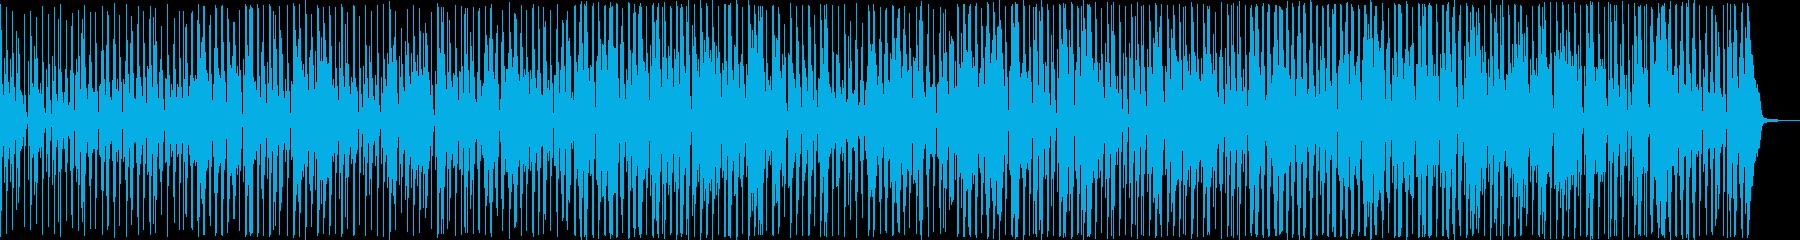 大江戸/コミカル・ギャグの再生済みの波形